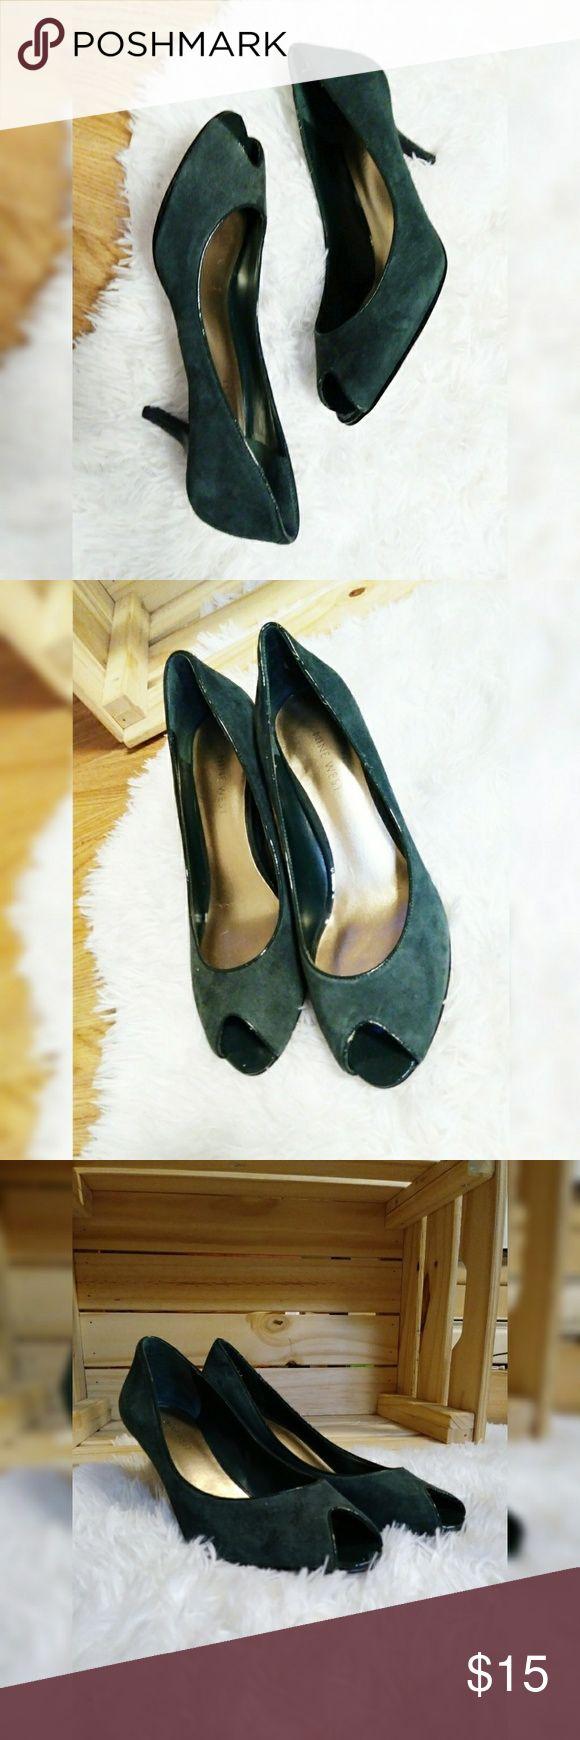 Nine West Heels Nine West Heels Condition: Used Like New Nine West Shoes Heels